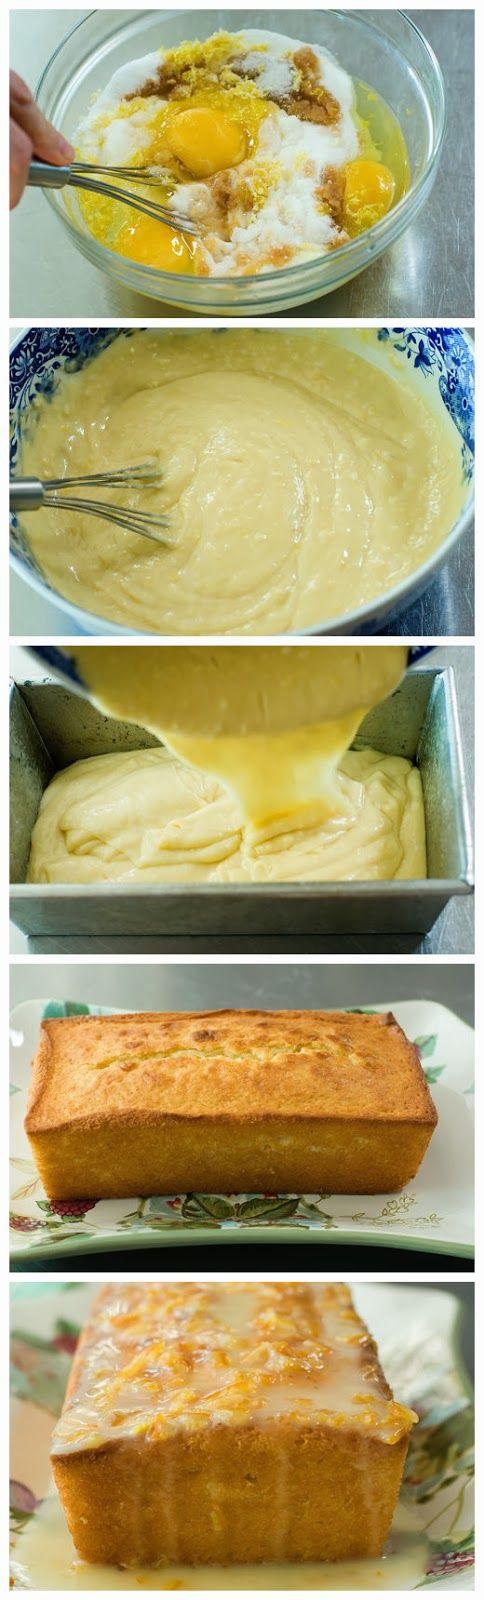 Yogurt-Marmalade Cake | Let Them Make Cake | Pinterest